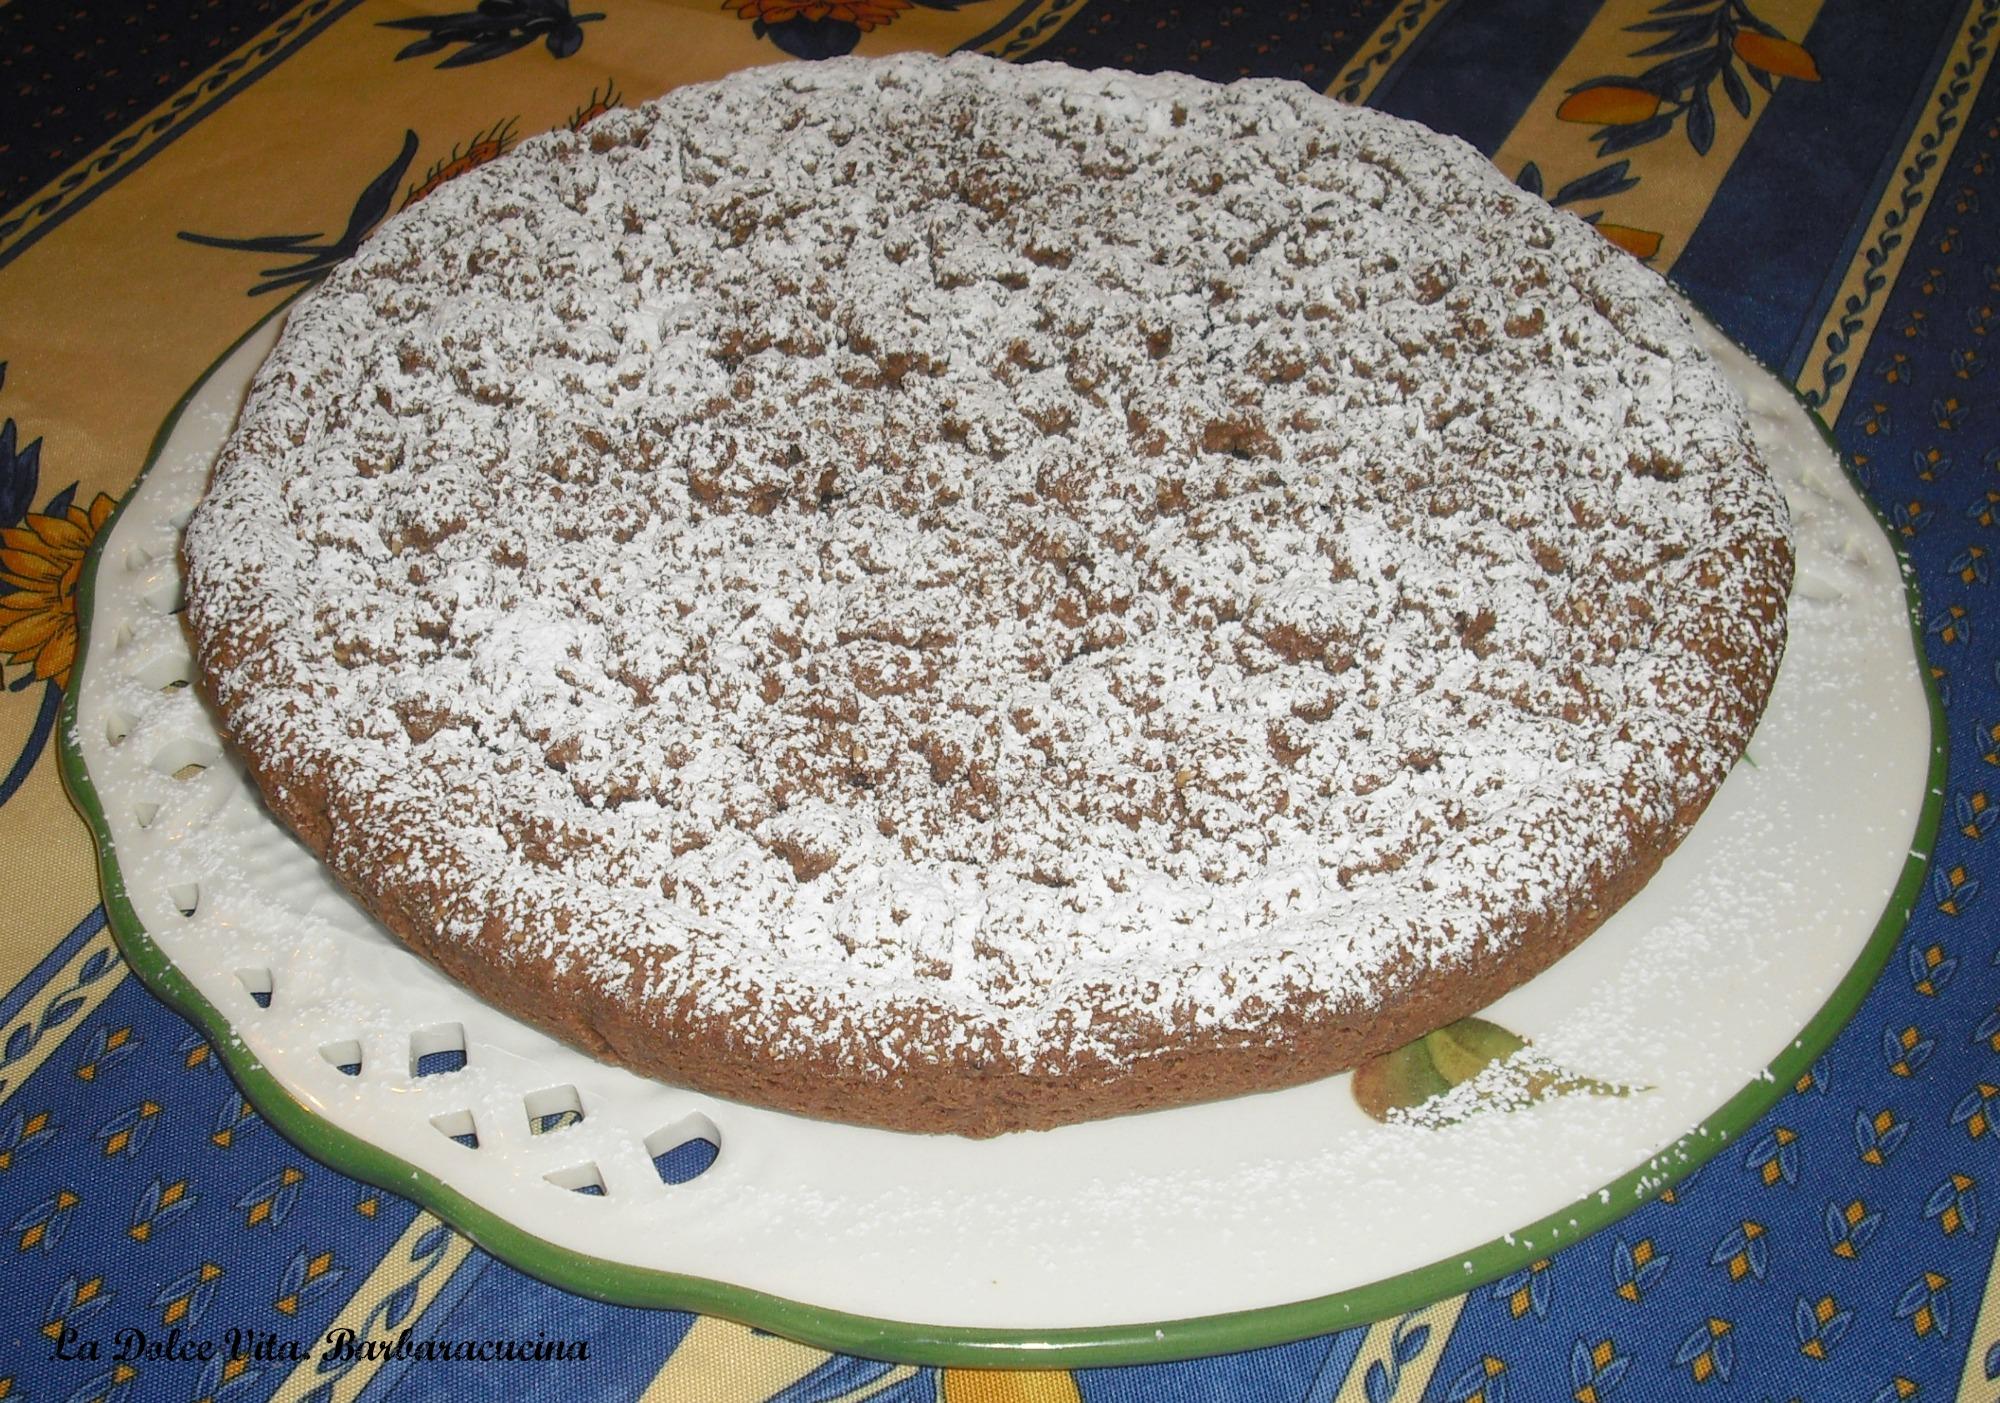 torta crumble alla nutella 2